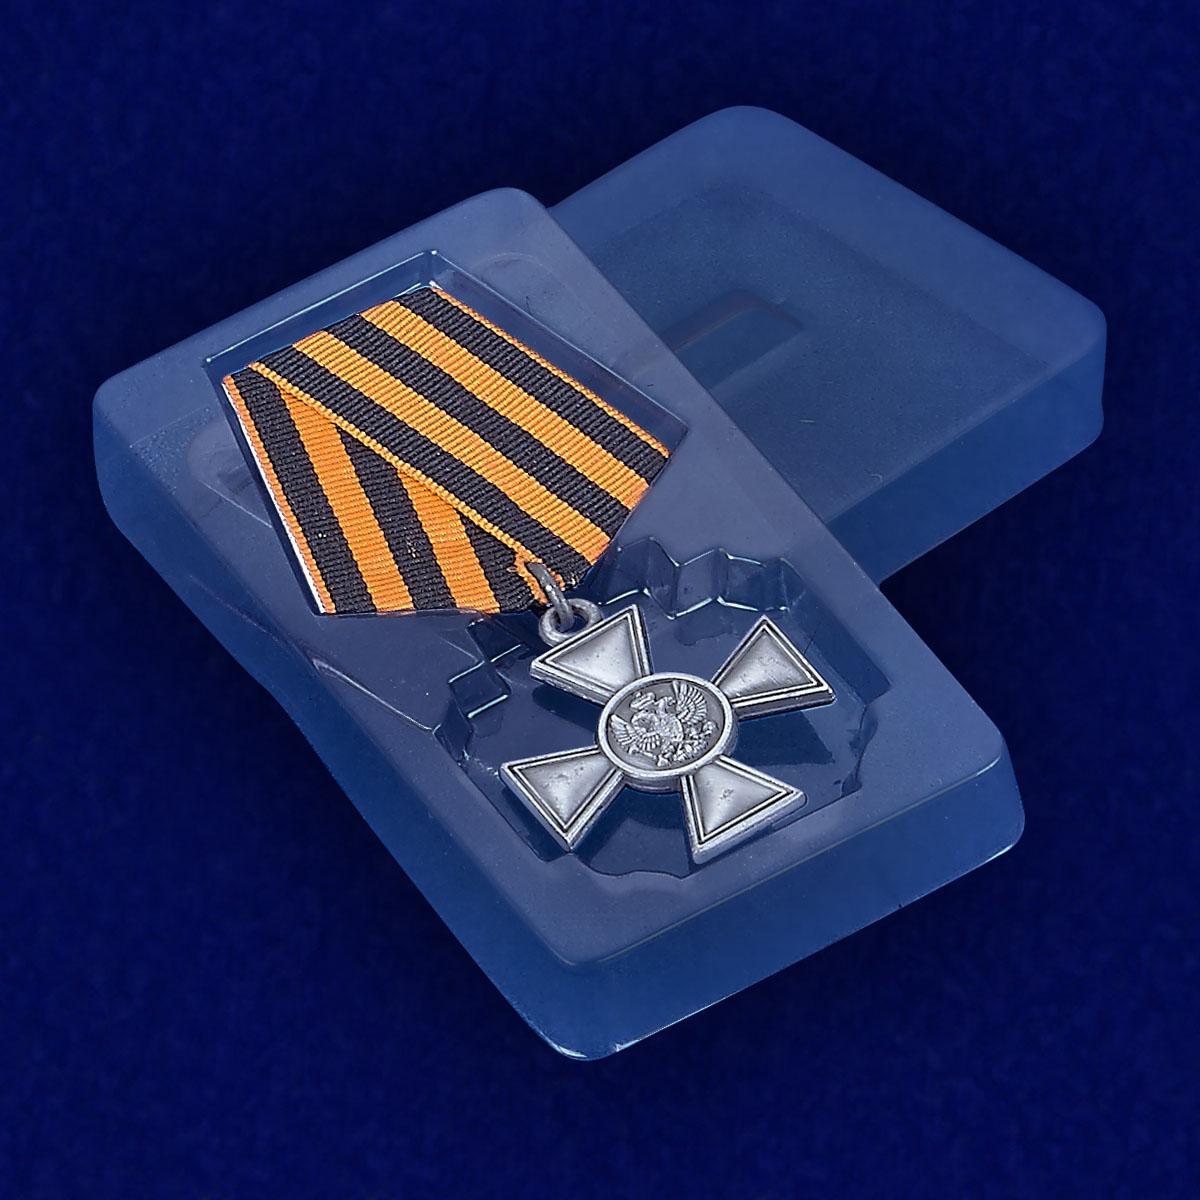 Георгиевский крест для иноверцев - вид в футляре